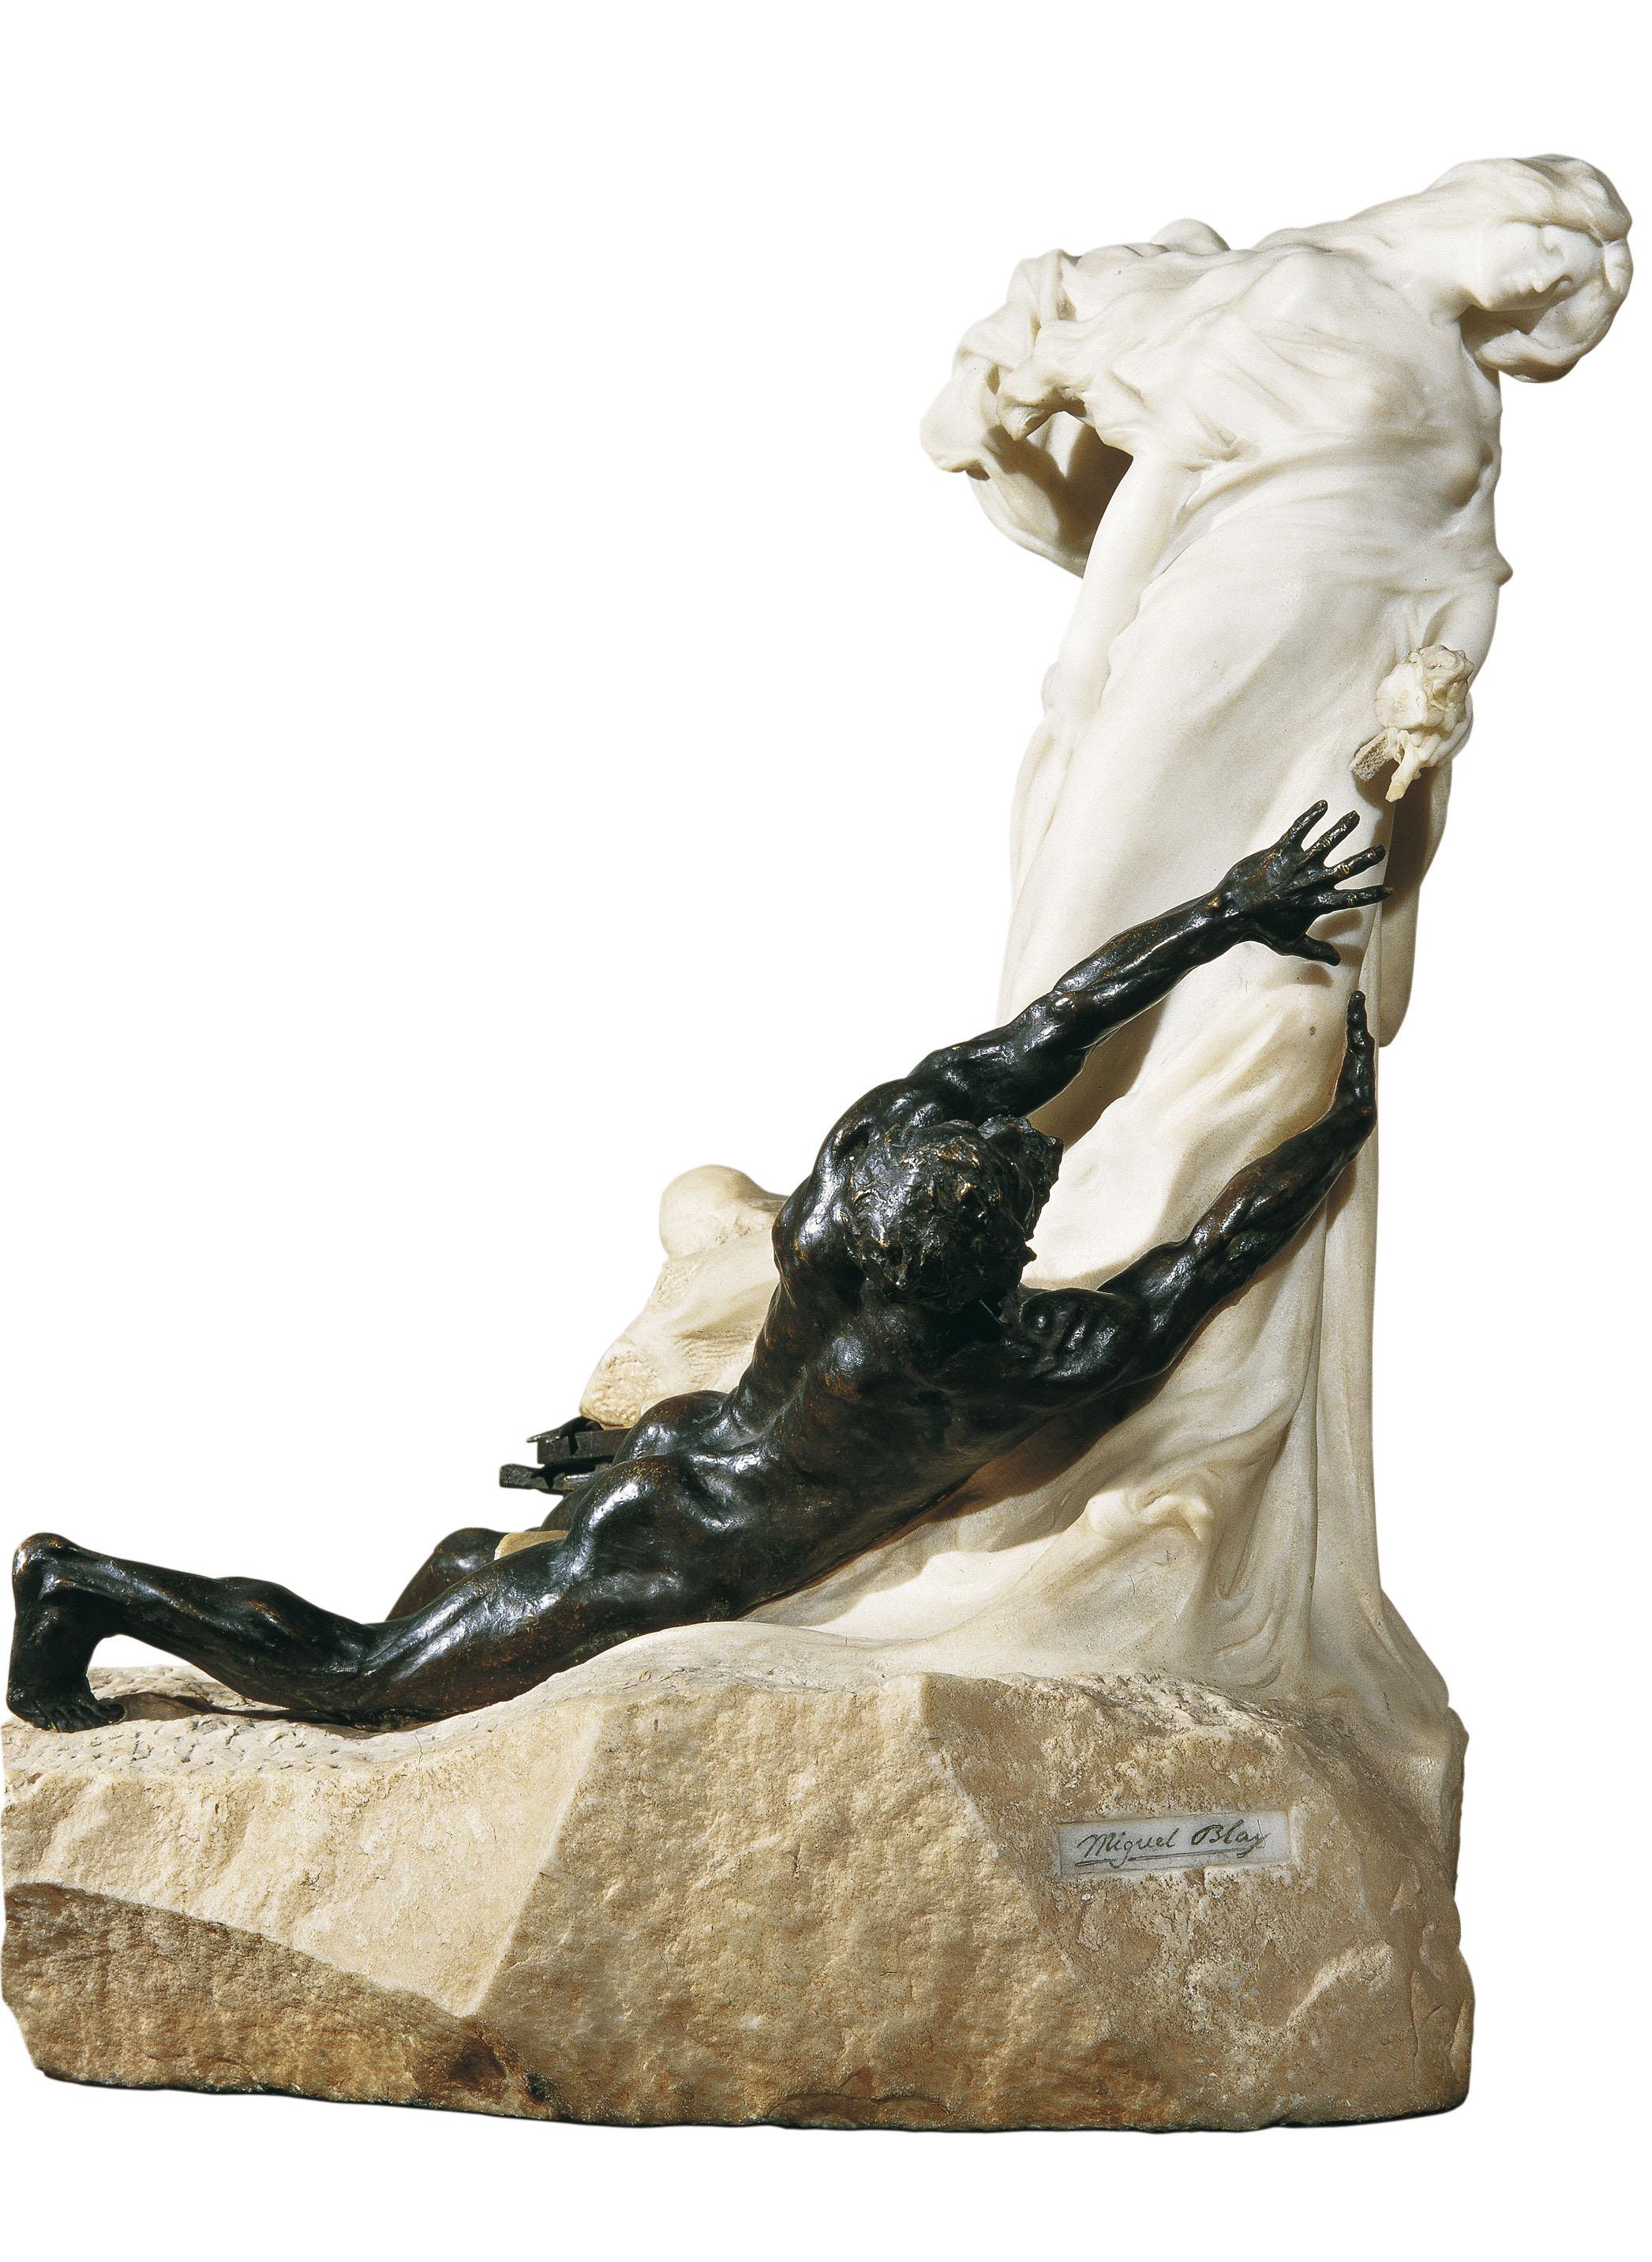 Miquel Blay - Persiguiendo la ilusión - París, 1902